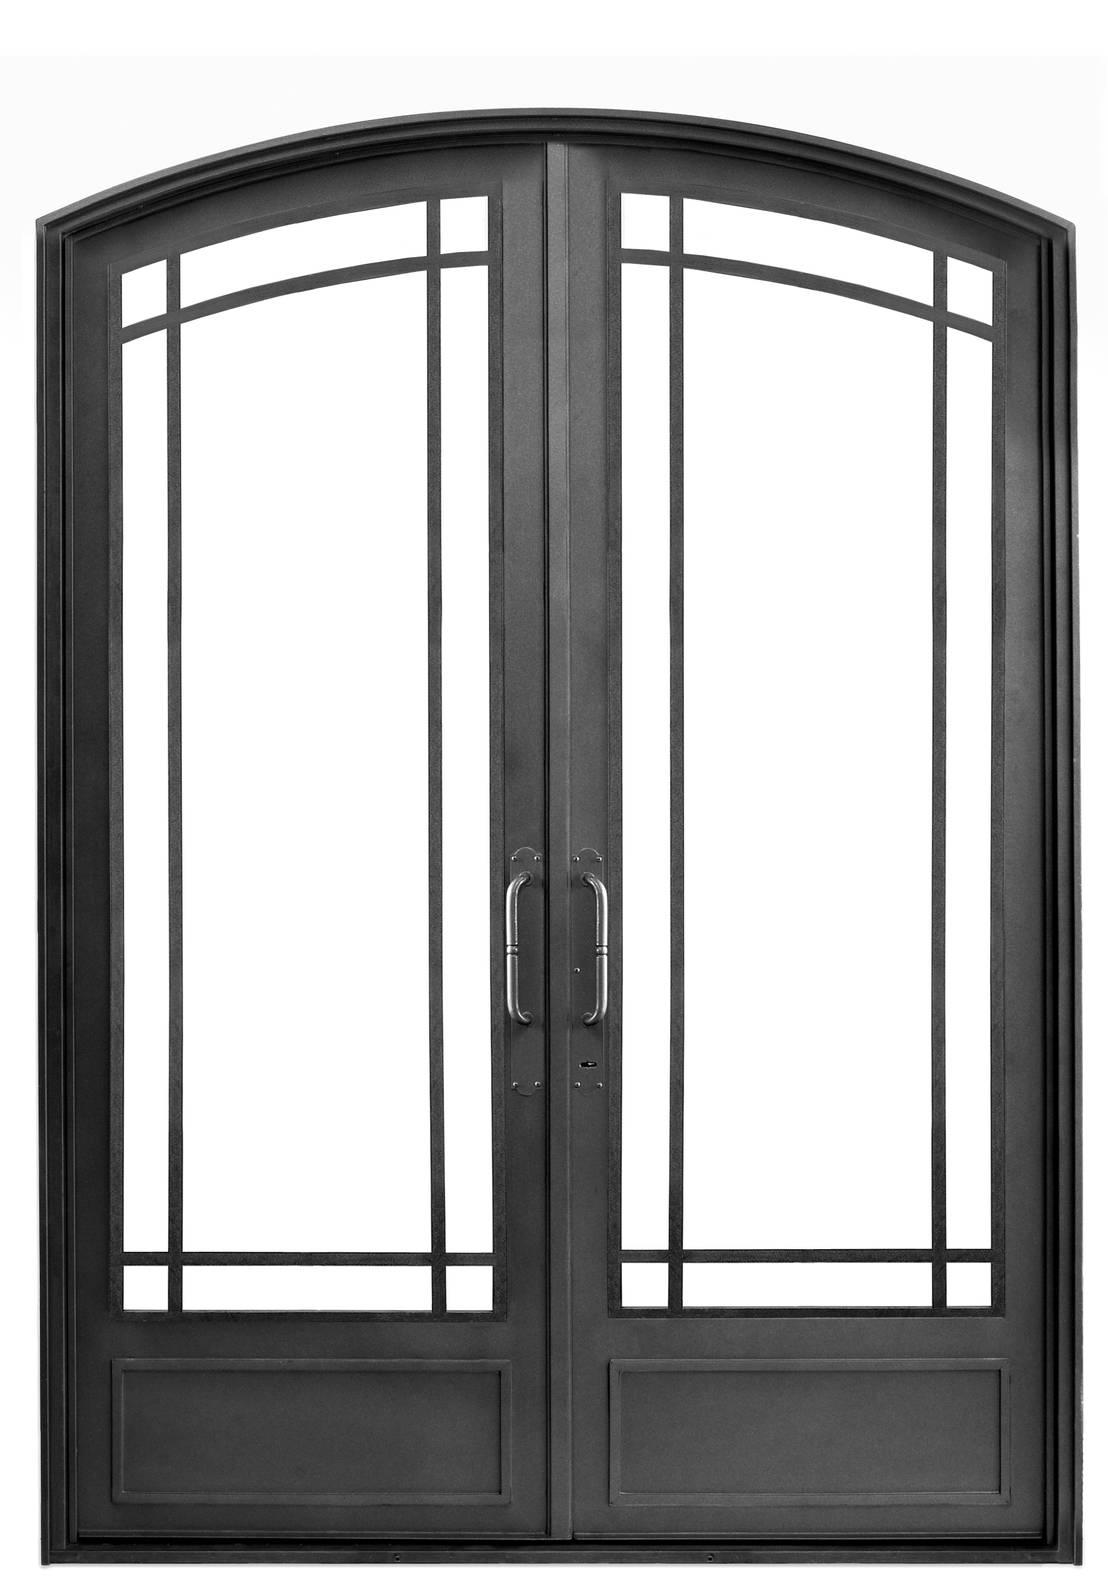 Puertas de entrada modernas de del hierro design homify - Puertas de hierro ...